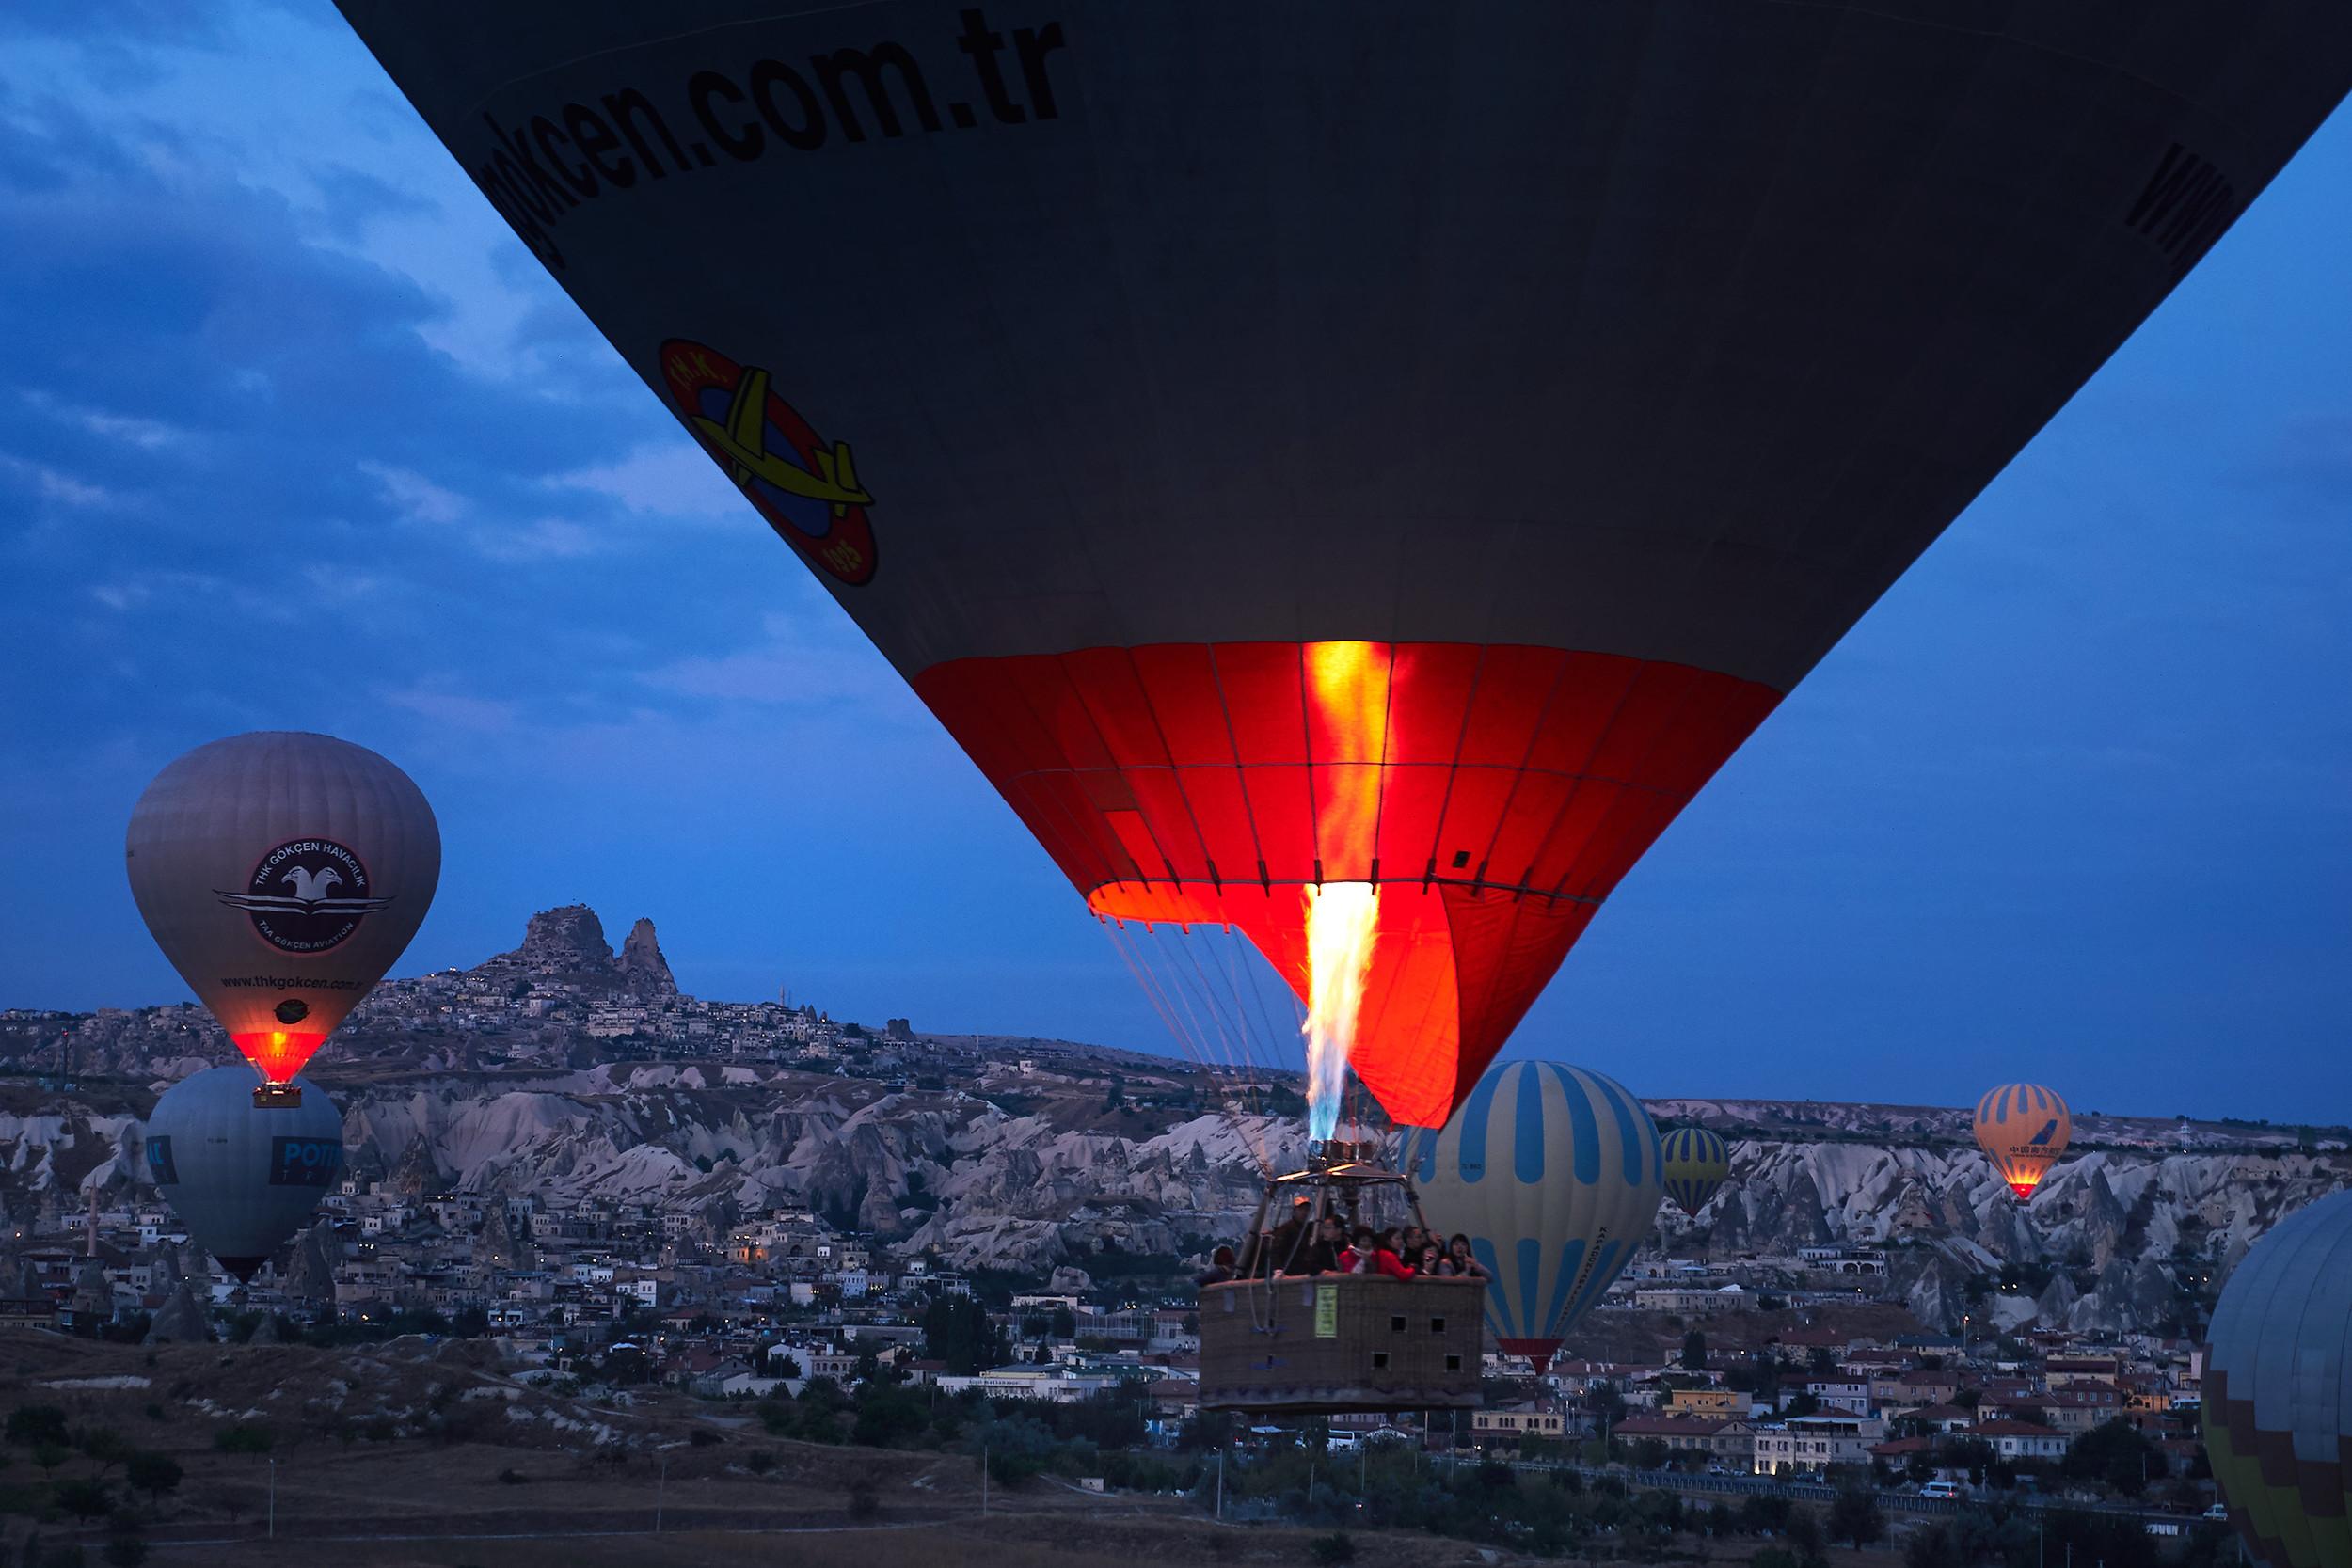 Hot air balloons flying through the Cappadocia landscape